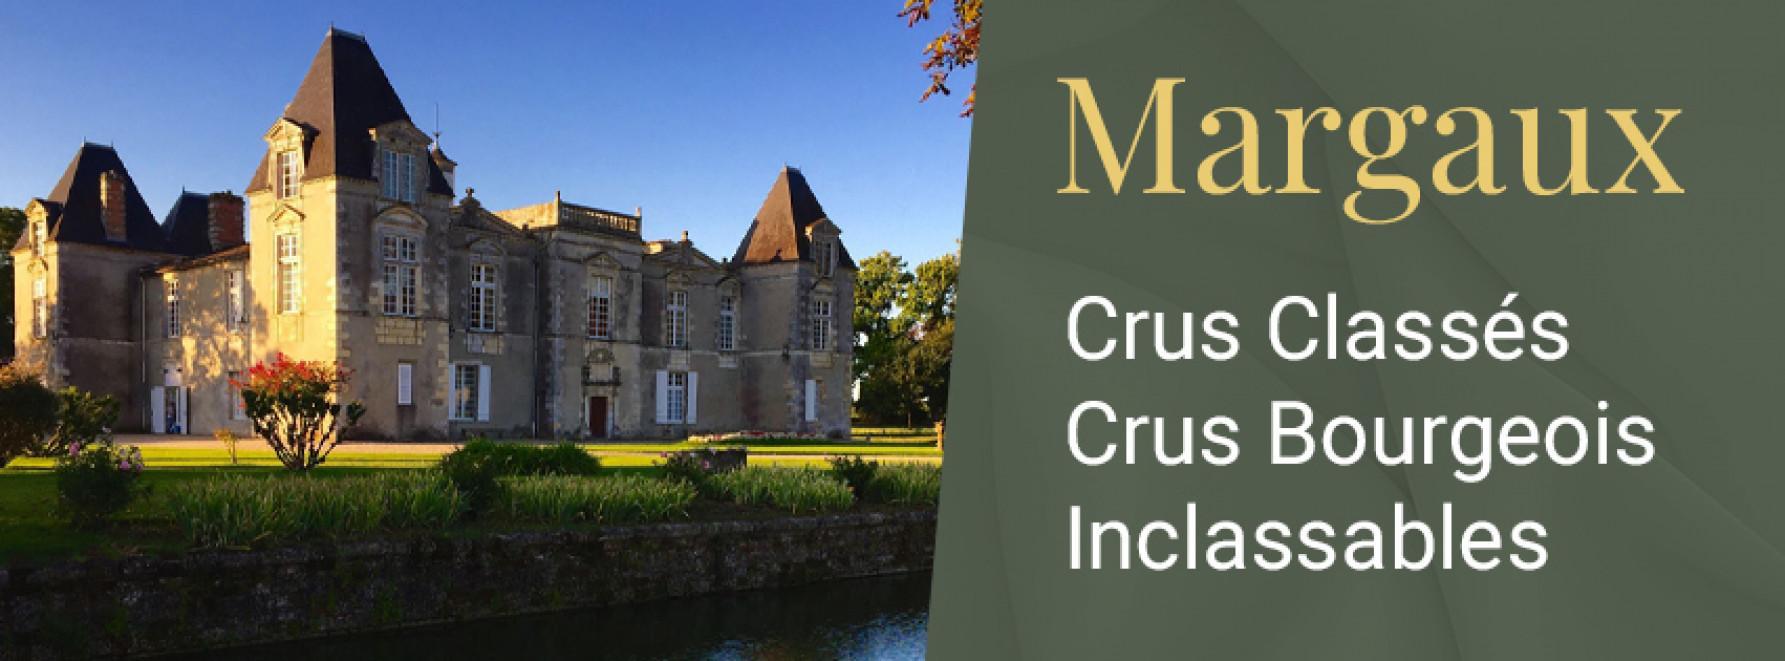 Plaisir et bonnes affaires à Margaux